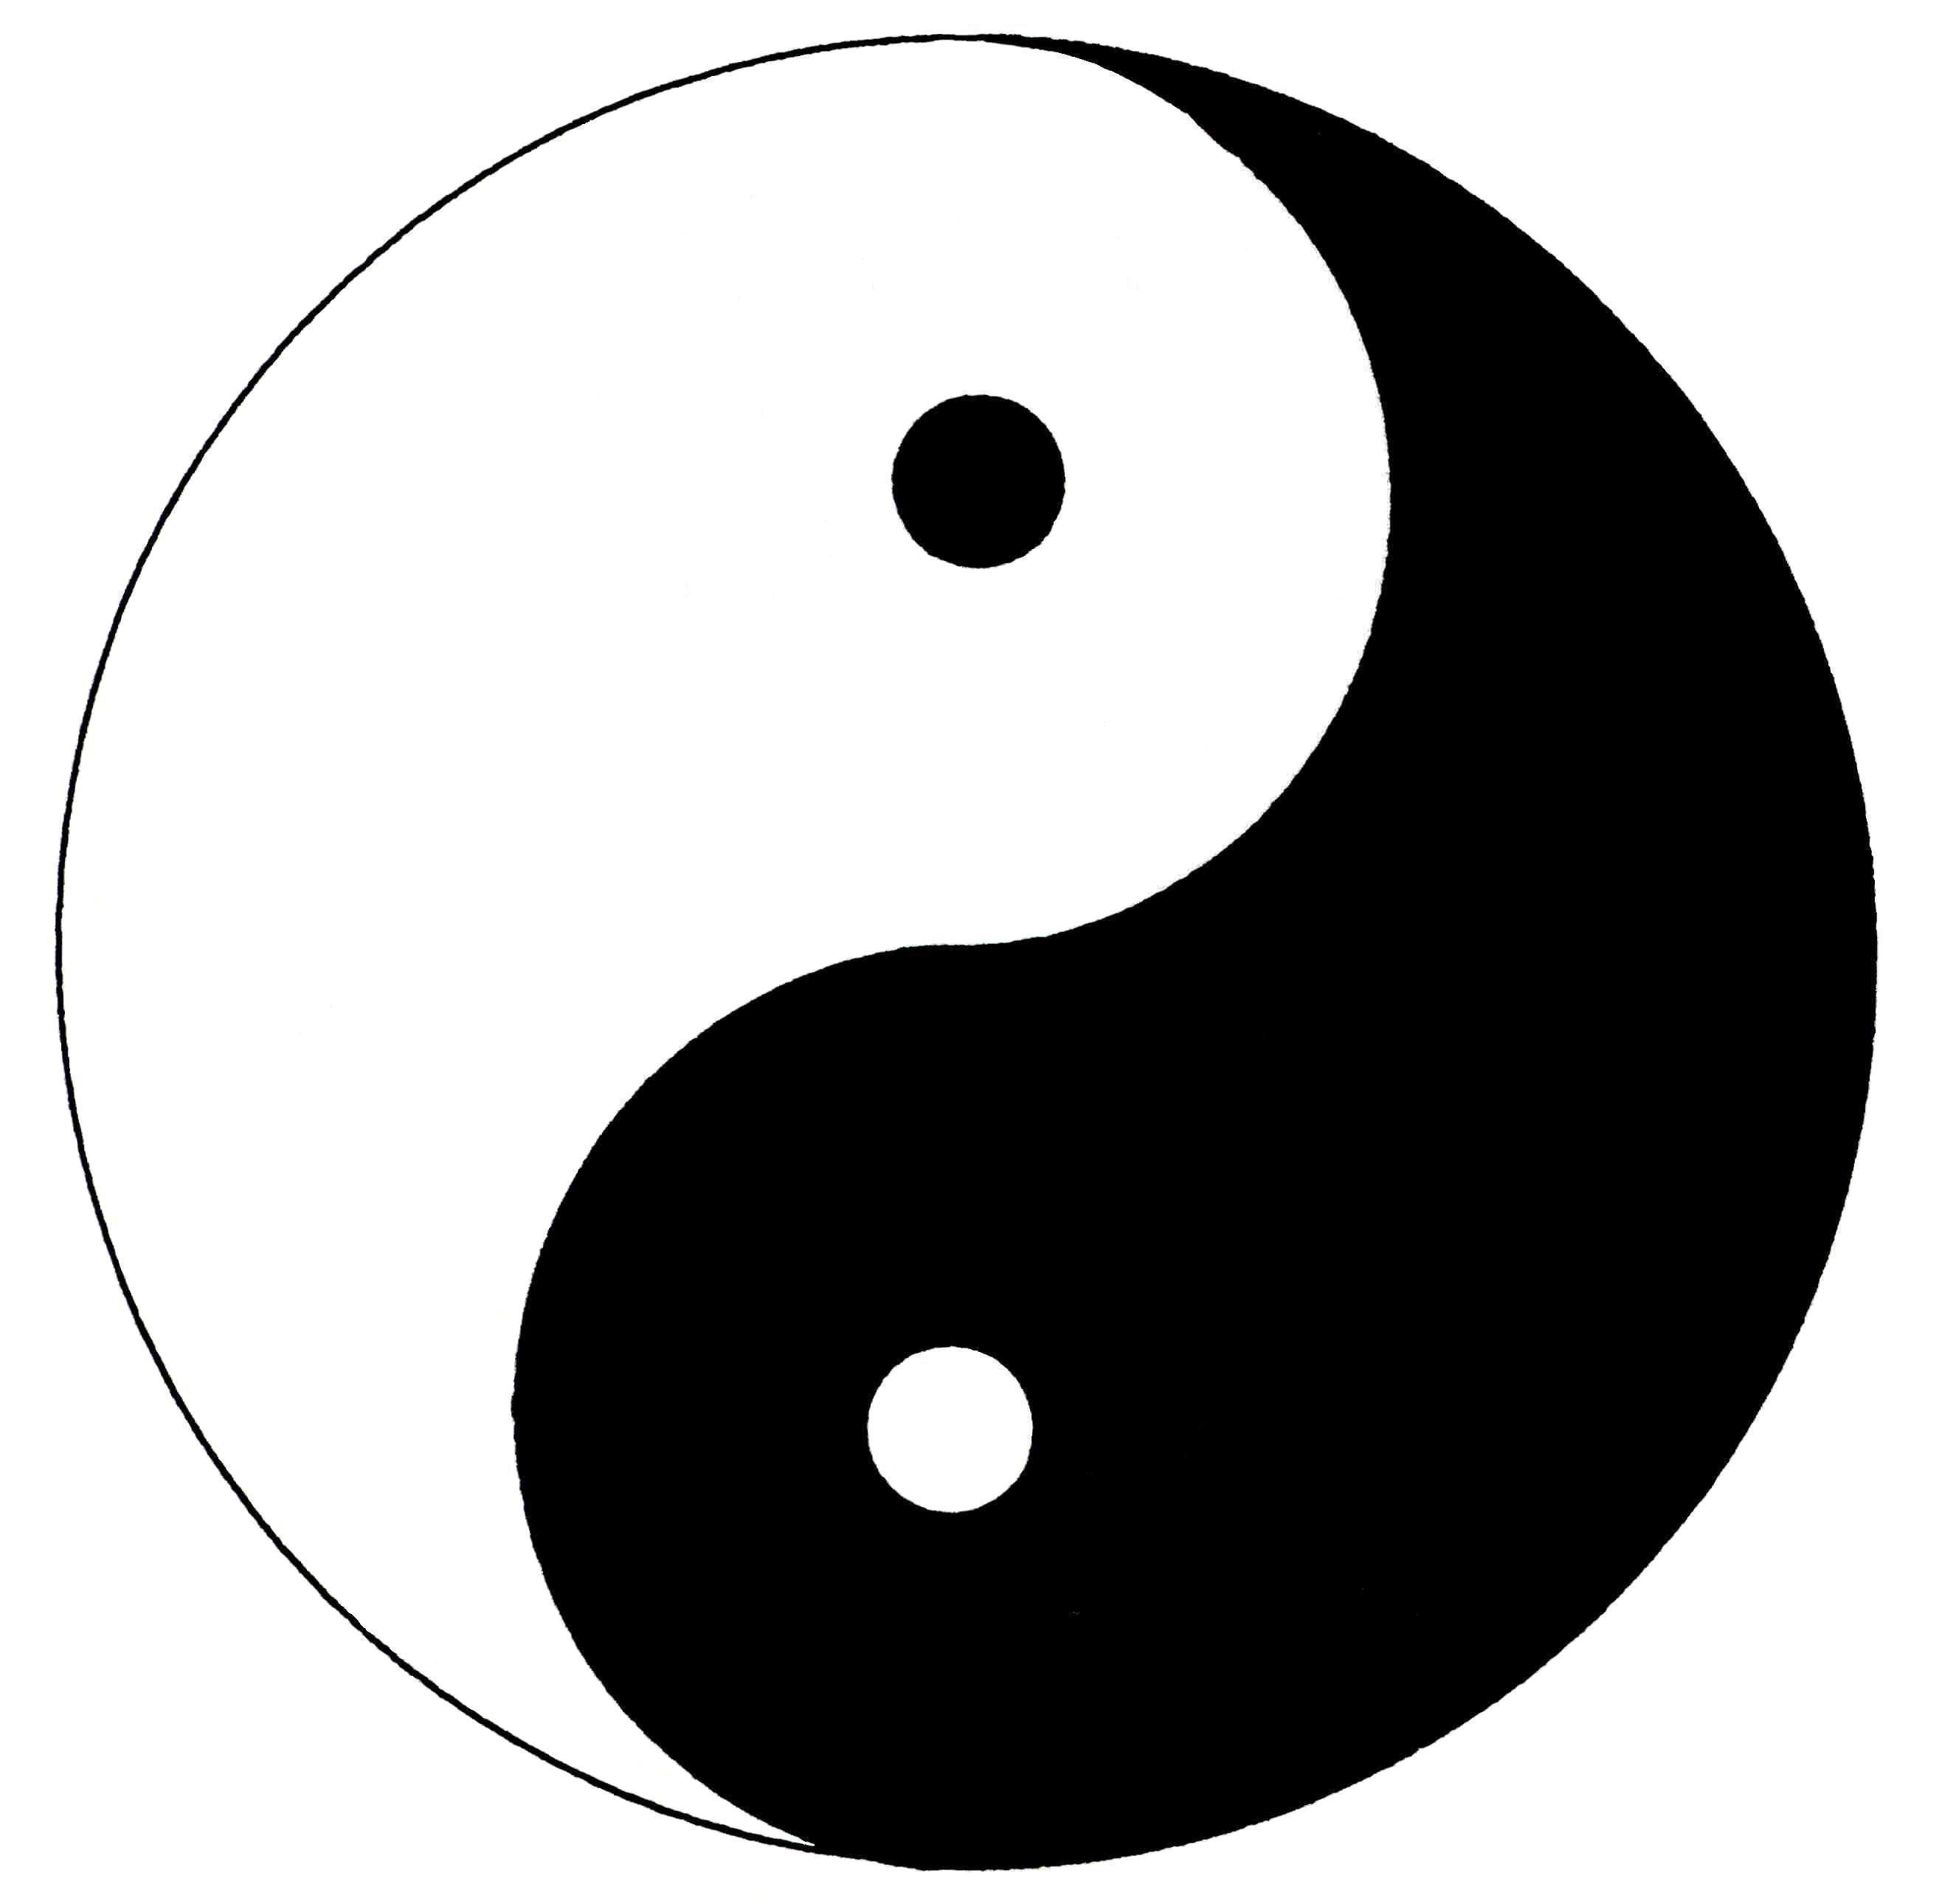 Yin yang logo clipart best for Bett yin yang